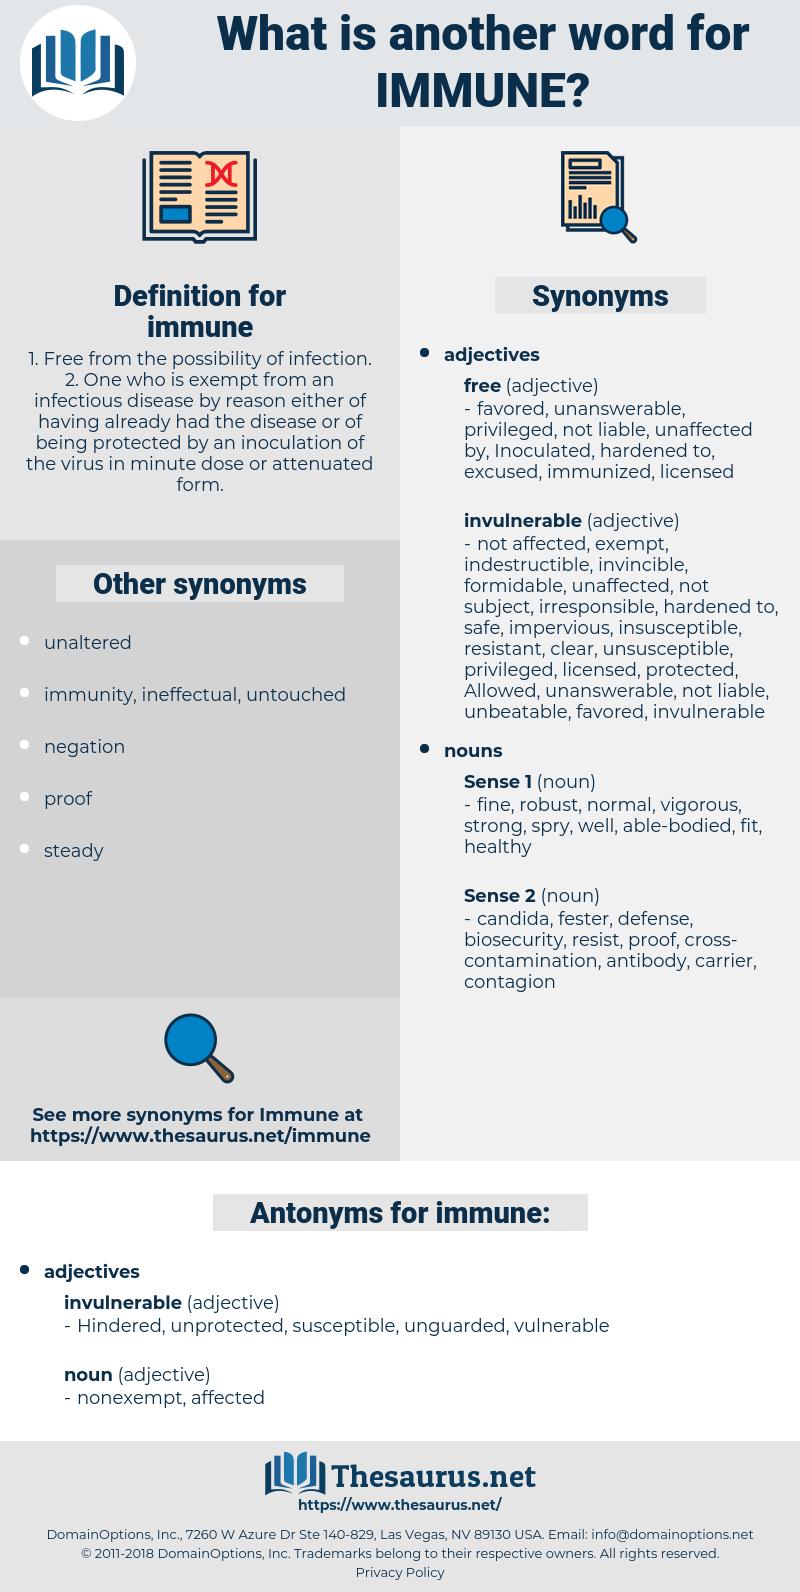 immune, synonym immune, another word for immune, words like immune, thesaurus immune